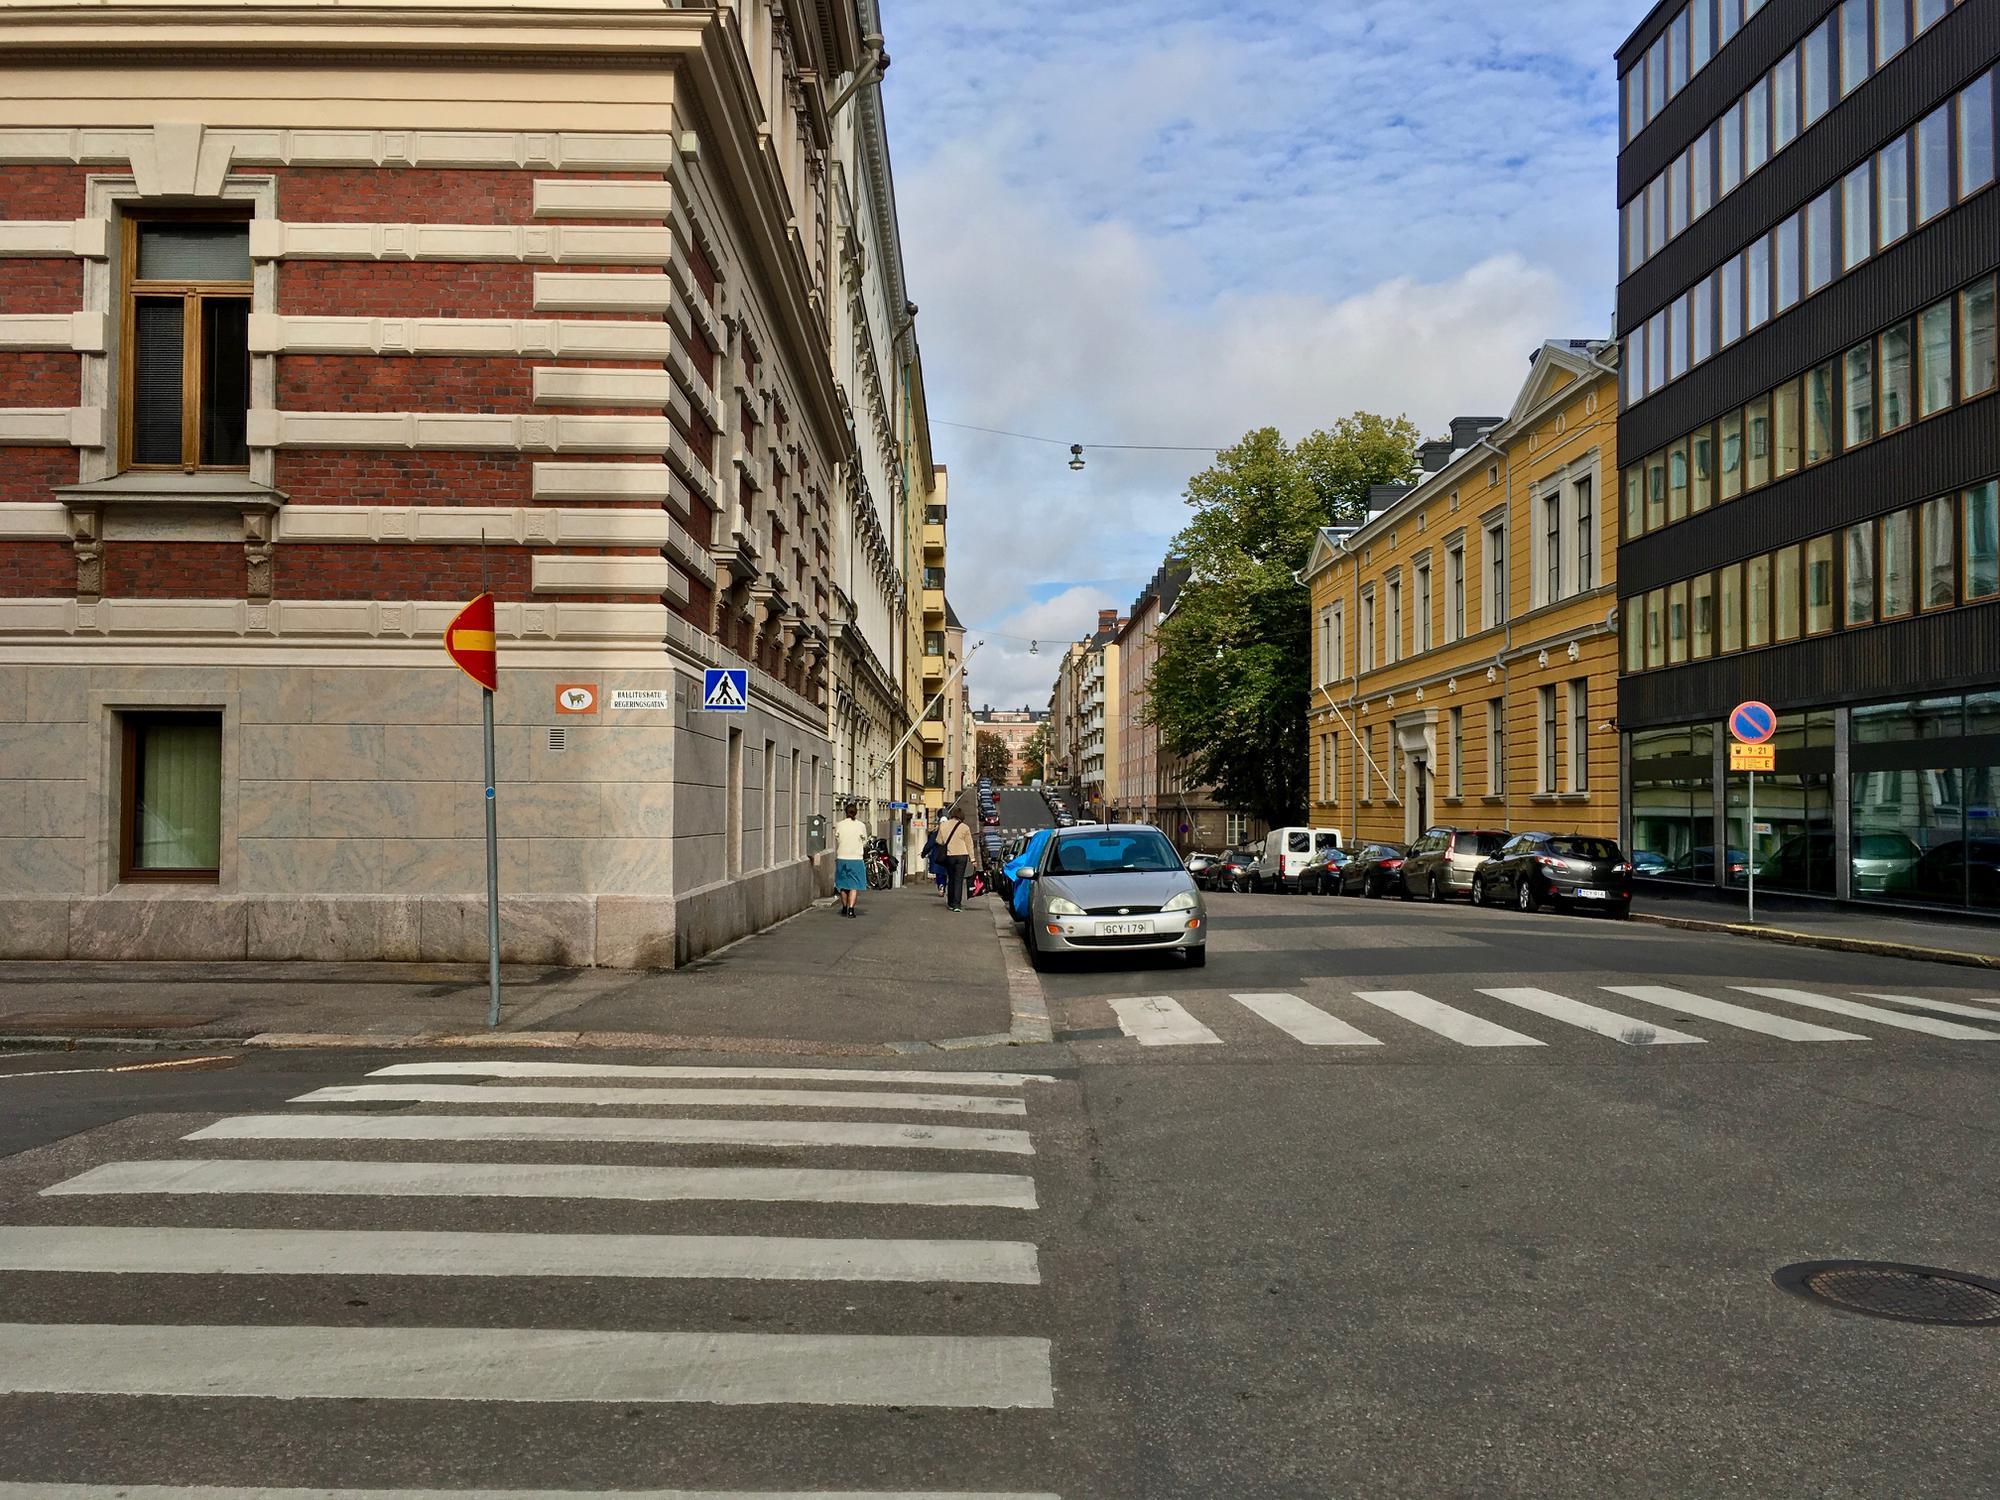 🇫🇮 Хельсинки, Финляндия, сентябрь 2016.